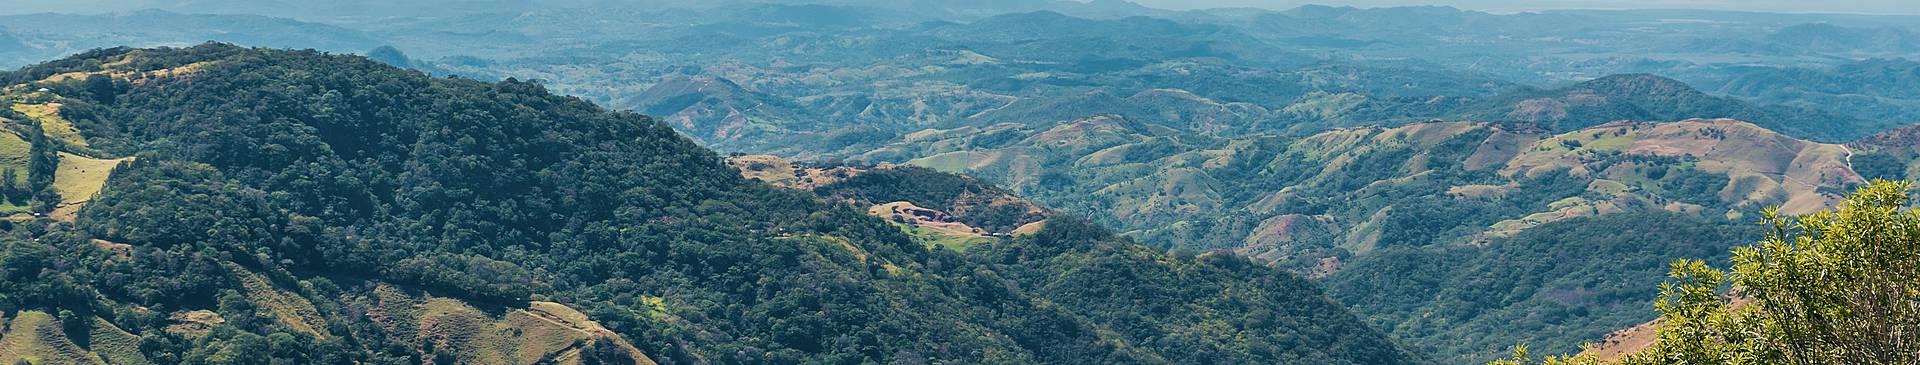 Naturreisen Costa Rica